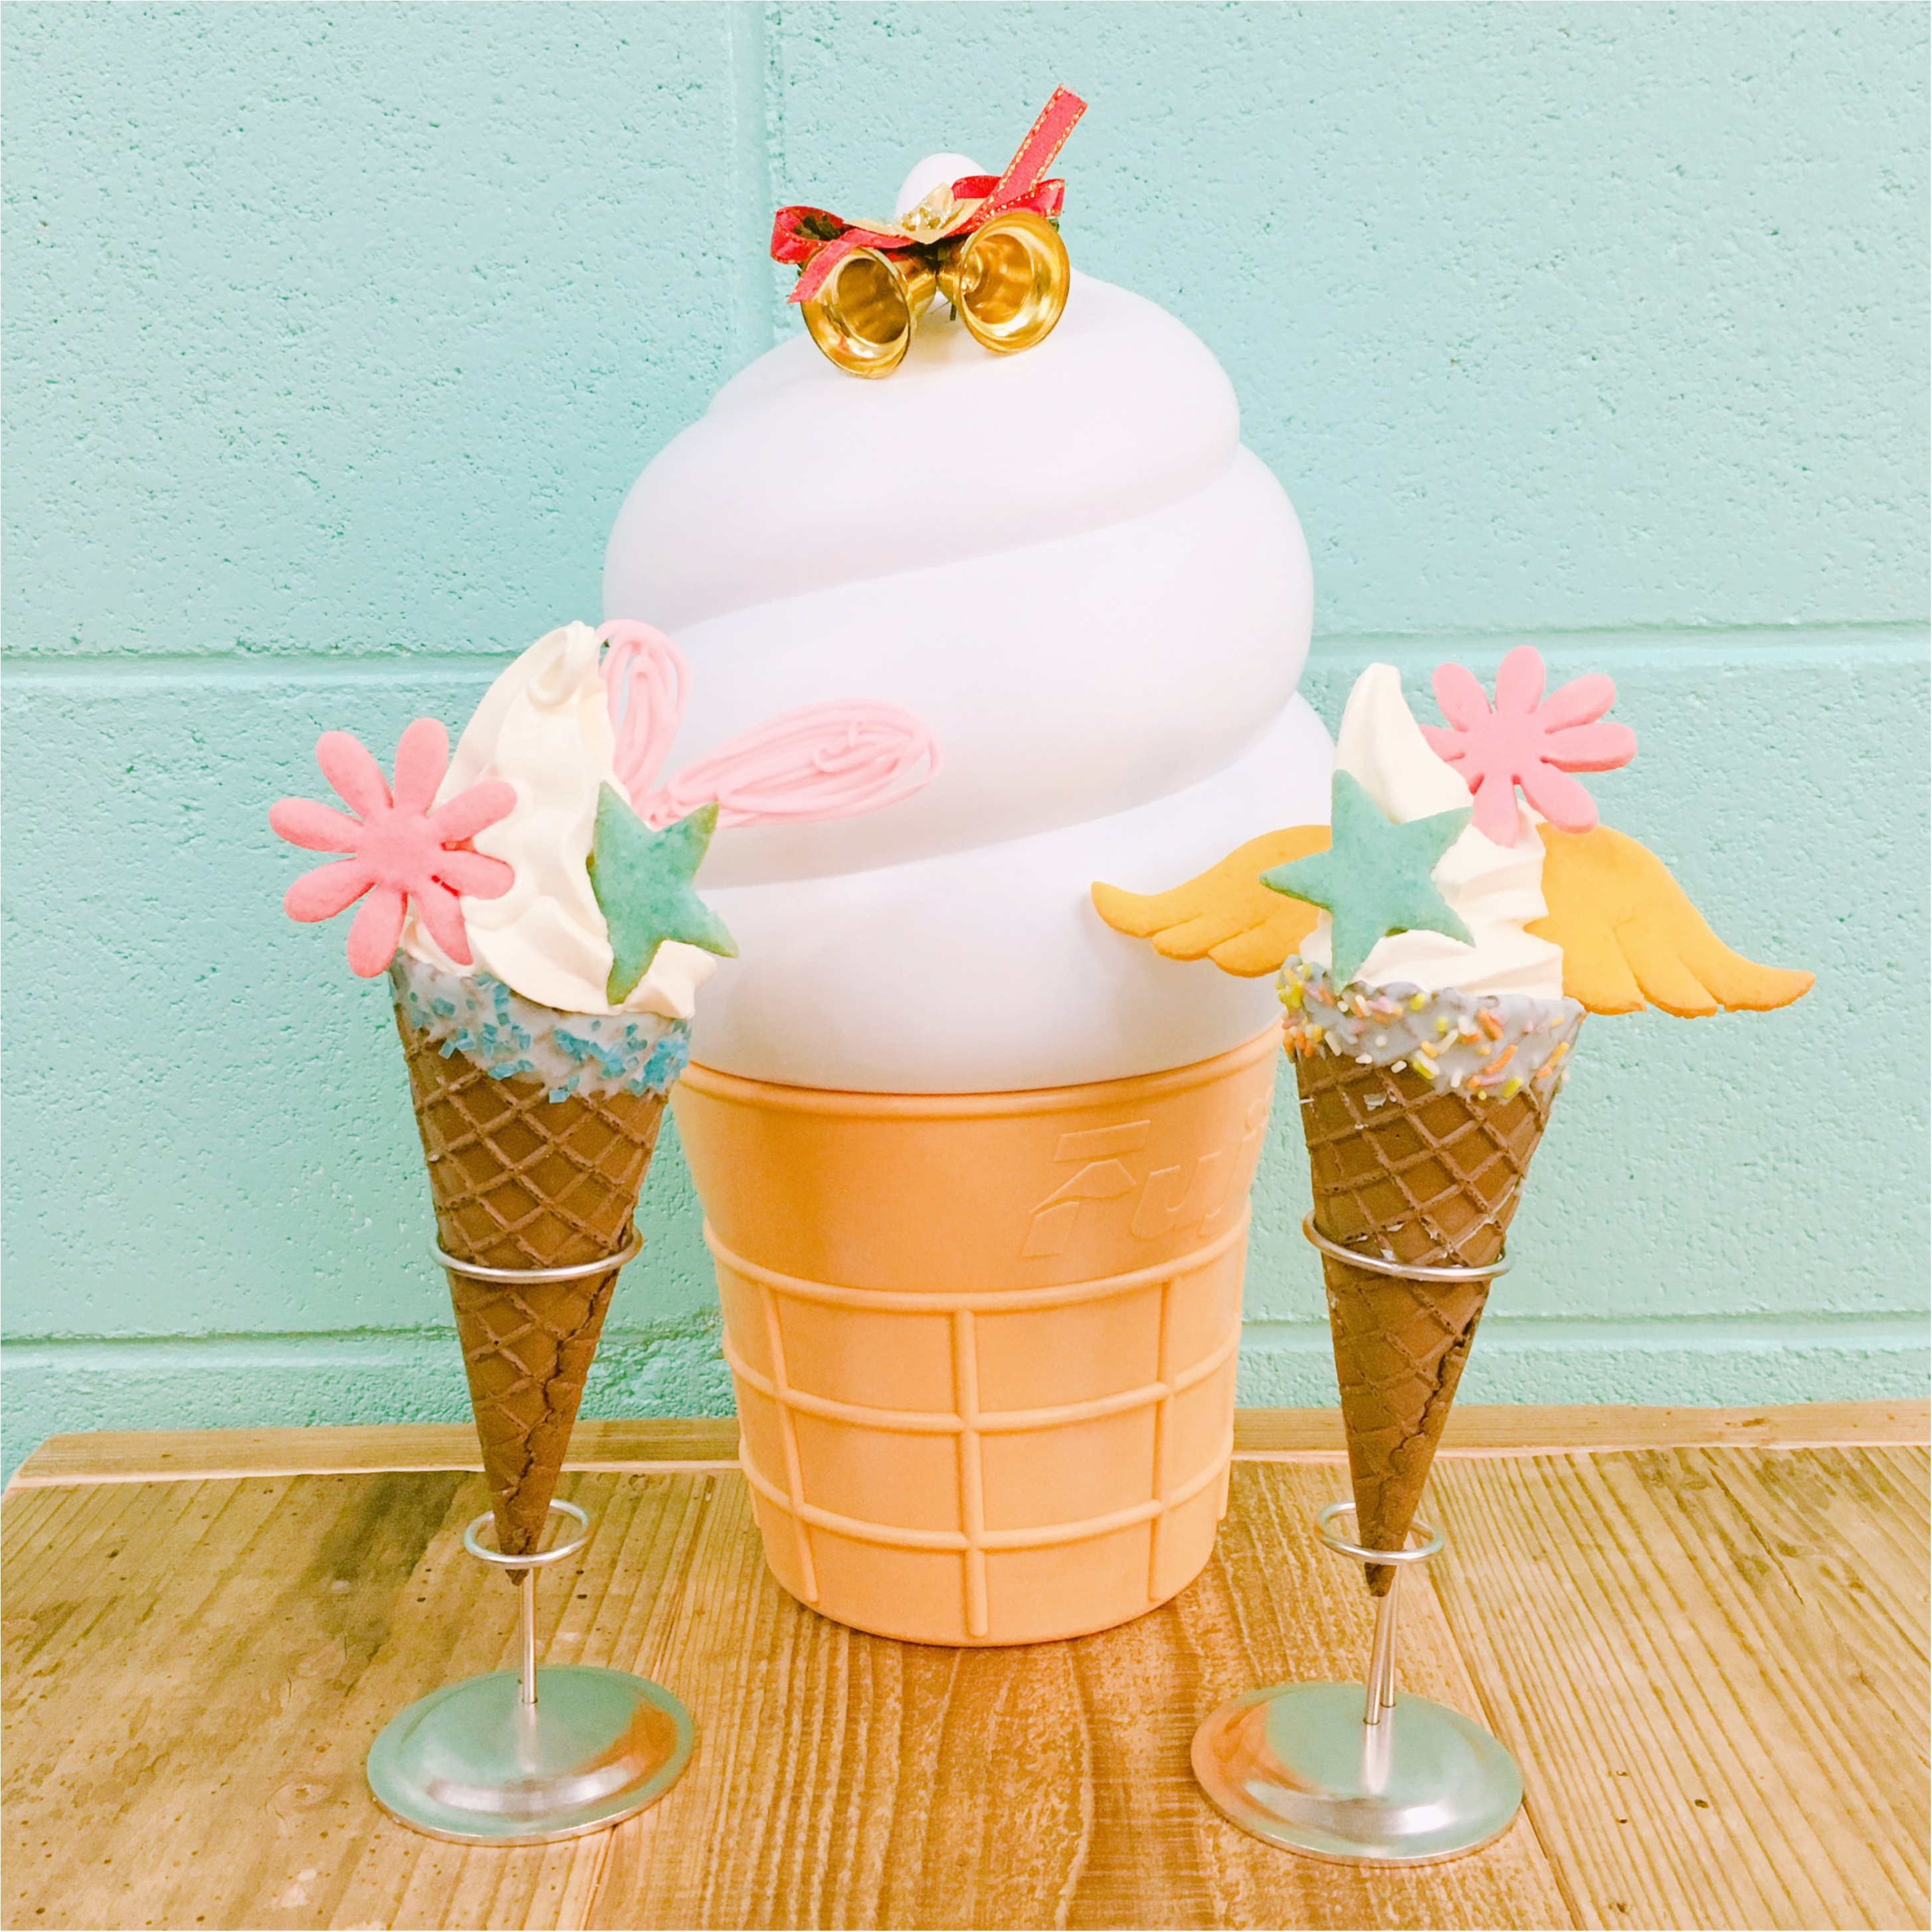 《 私のカフェめぐり♪ 》 SNS映えばっちり◎カラフルクッキーが乗ったソフトクリーム♡♡_6